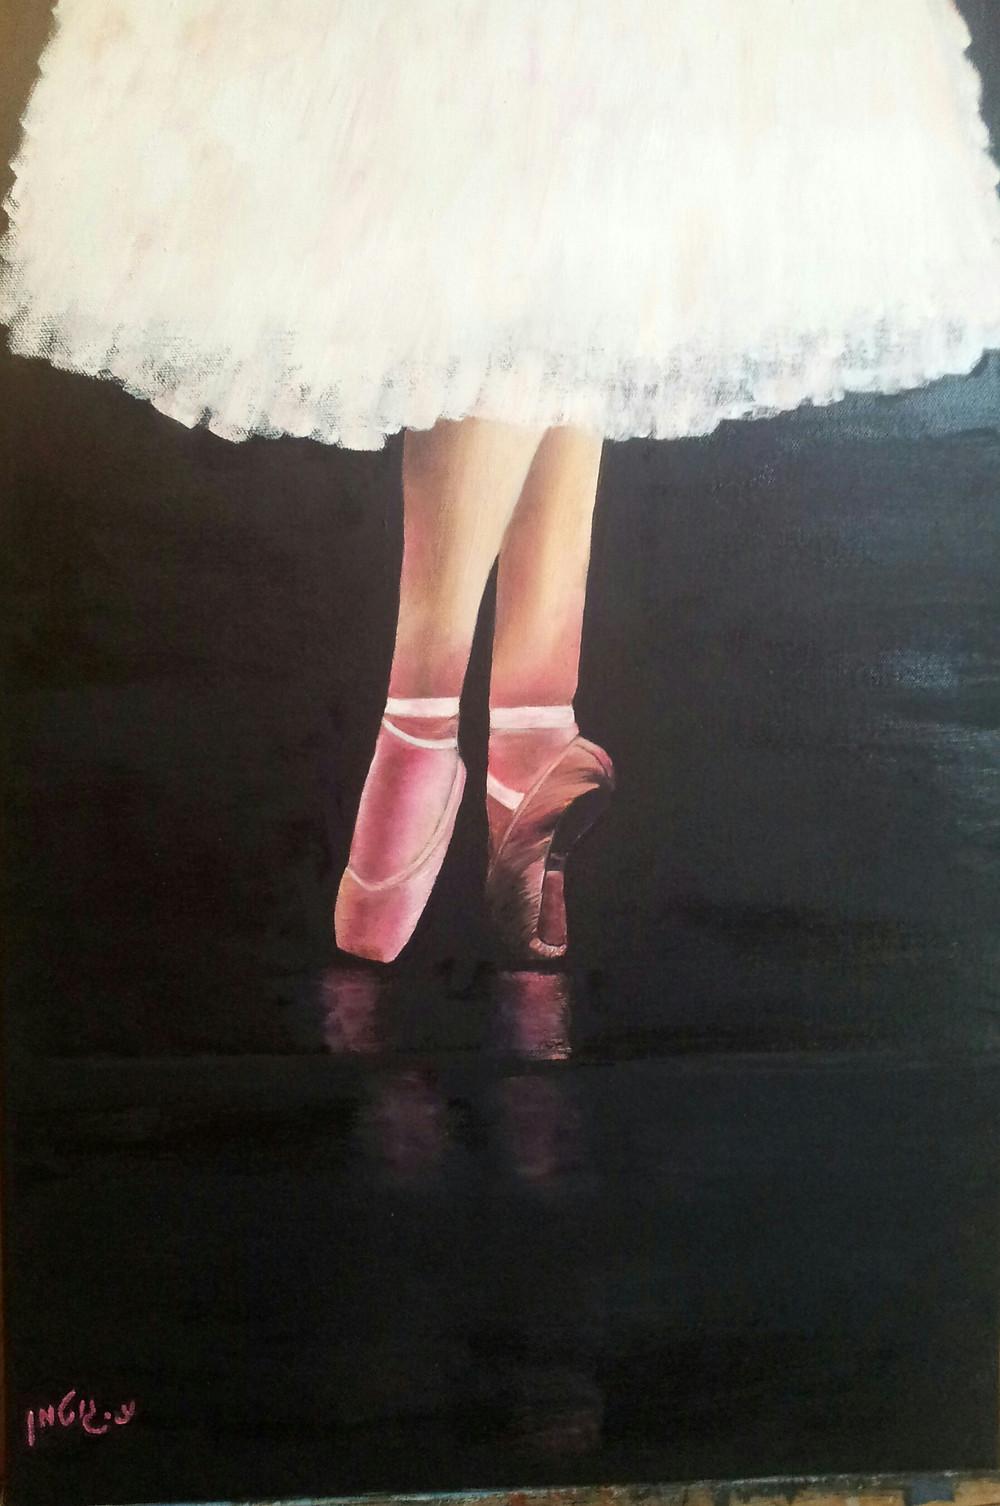 ציור של רגלי בלרינה בנעלי באלט וורודות